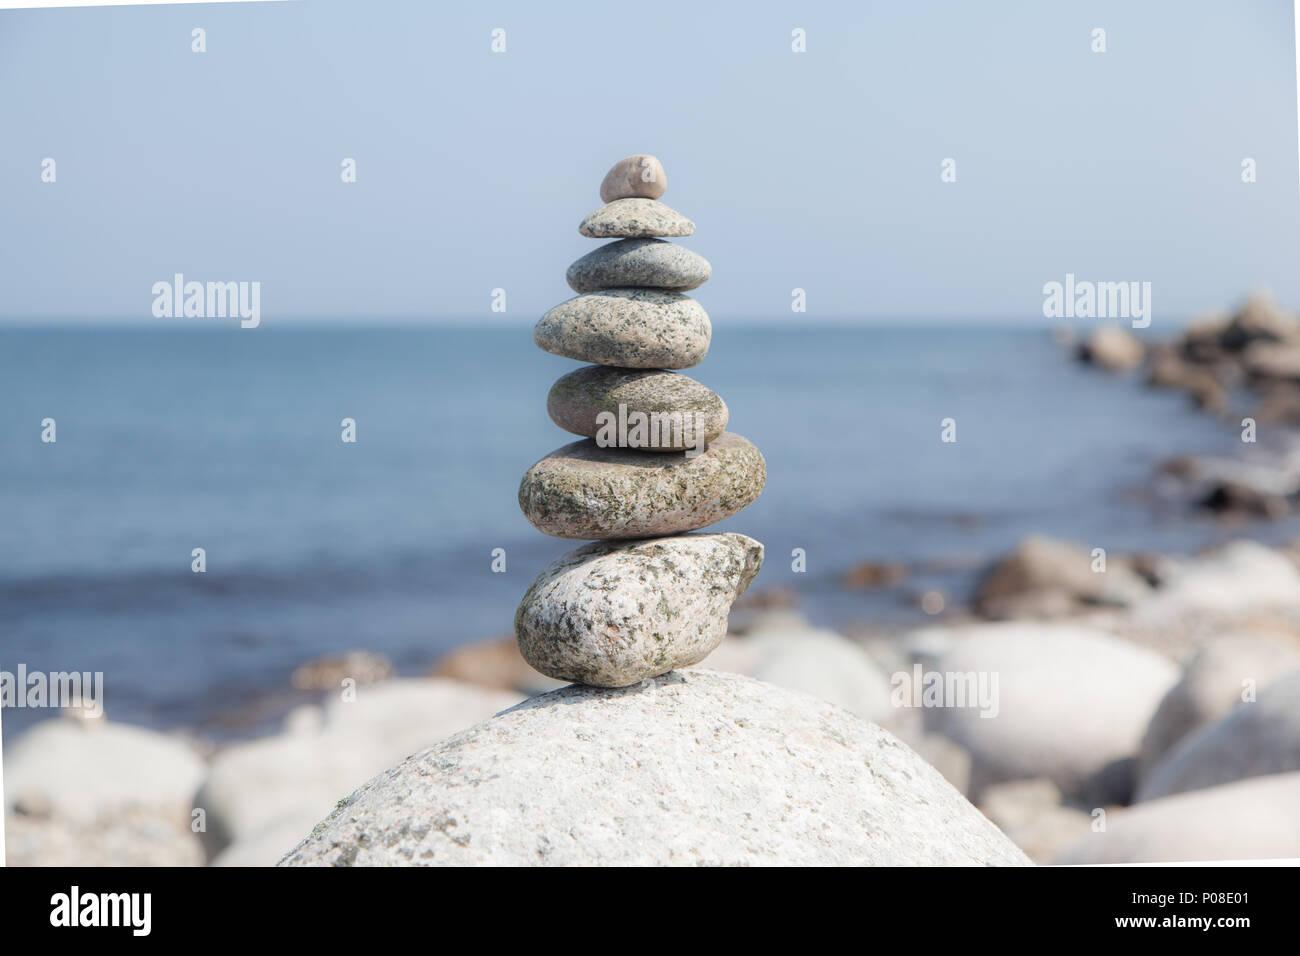 Steinskulptur am Meer - Stock Image